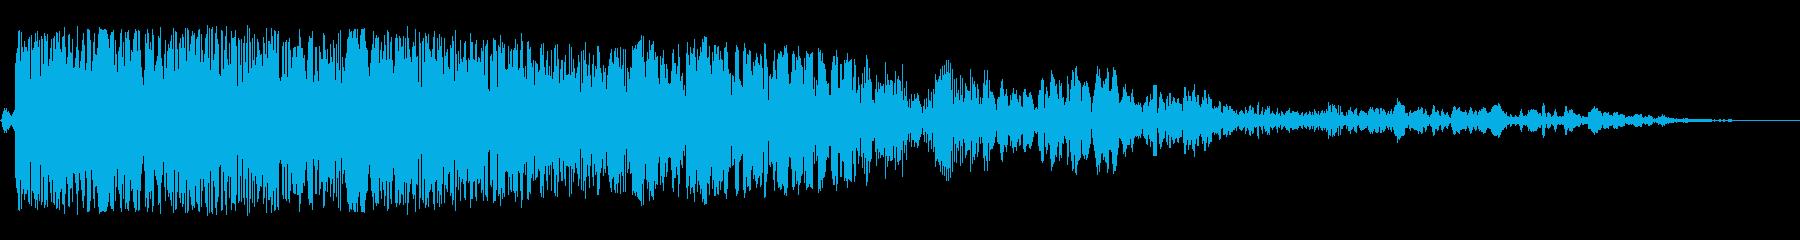 グワワーン(恐怖感の音)の再生済みの波形